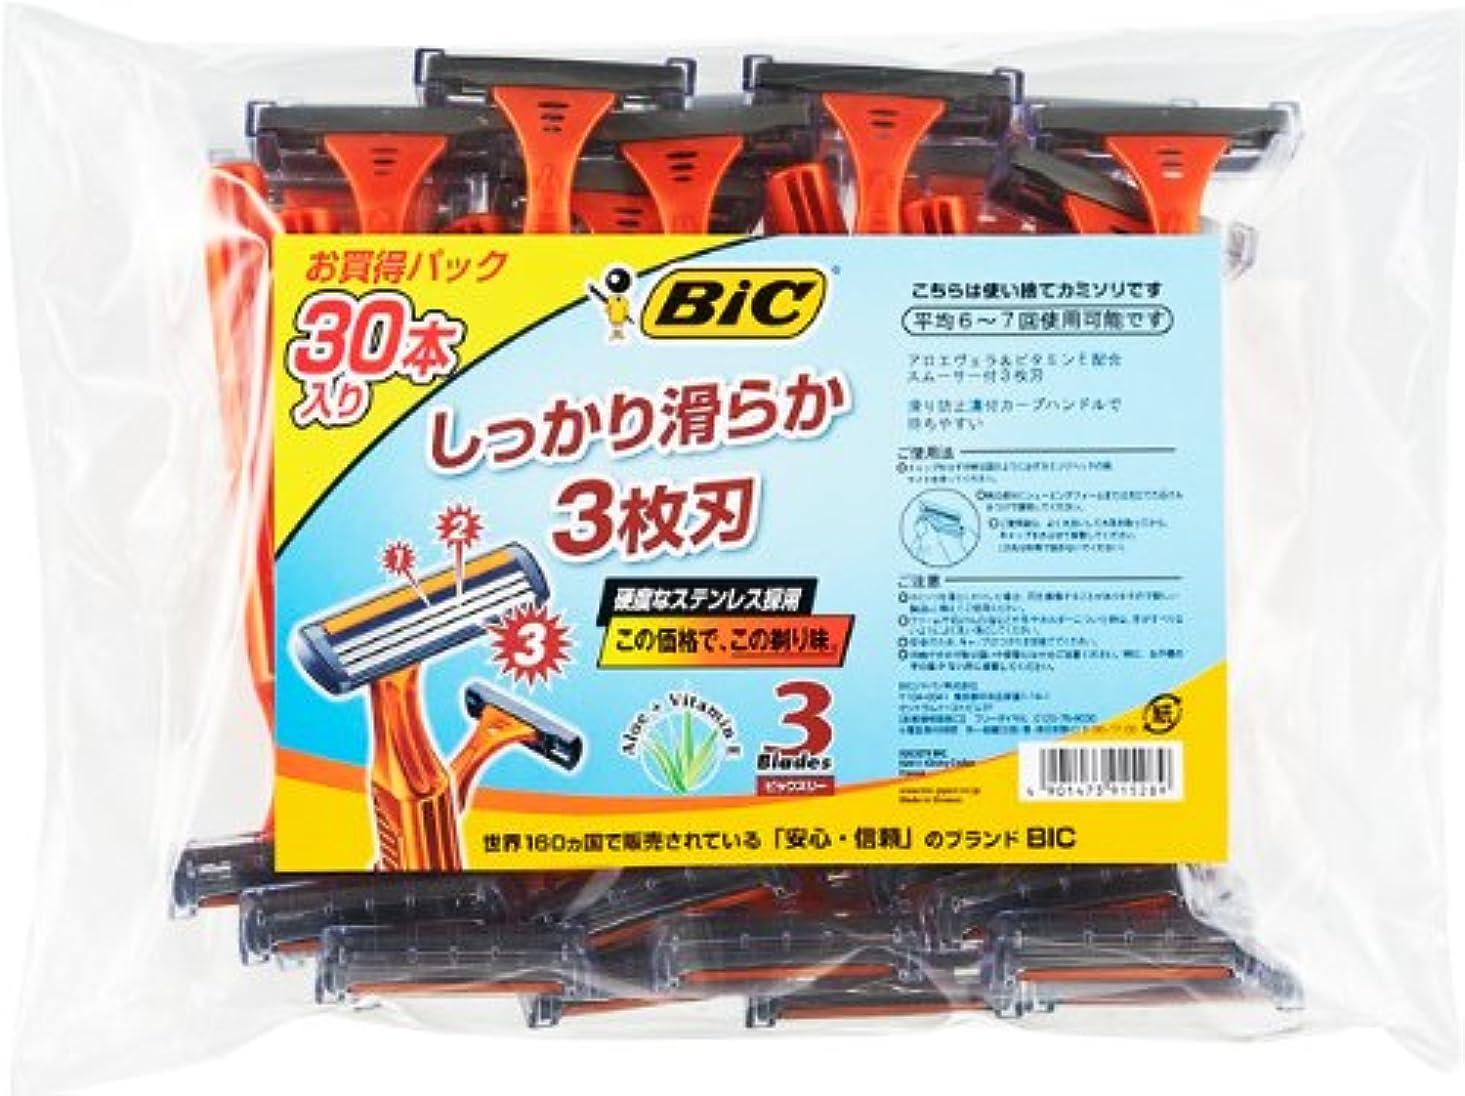 適性プレビュースイビック BIC BIC3 3枚刃 使い捨てカミソリ シェーバー ひげそり ディスポ 30本入